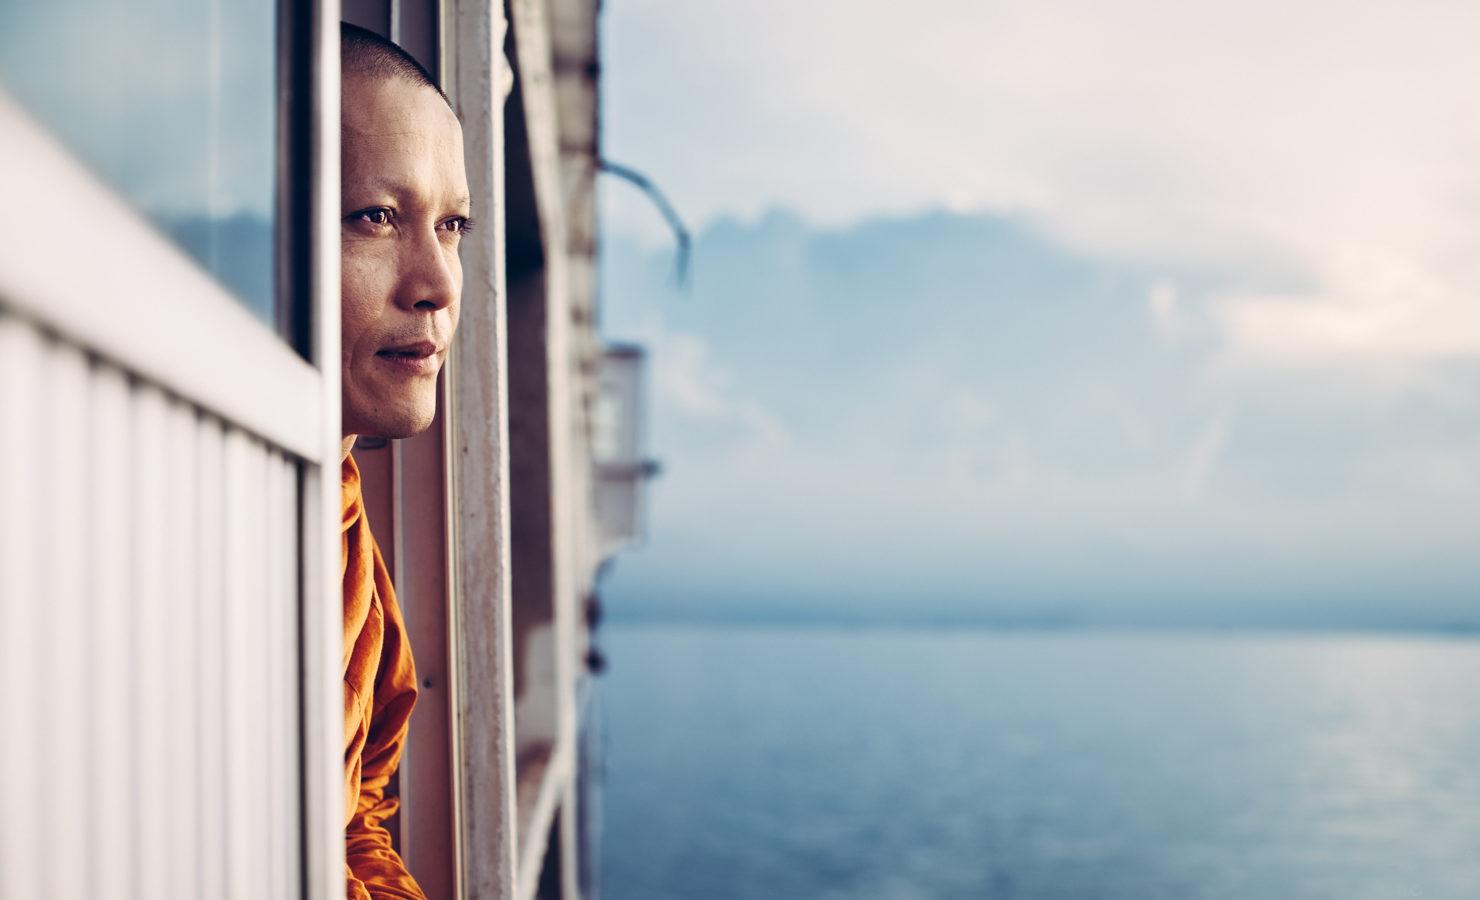 Interview d'Anne Gerzat: Elle est le mélange des paysages que j'aime capturer, mais aussi l'humain, le portrait, les regards